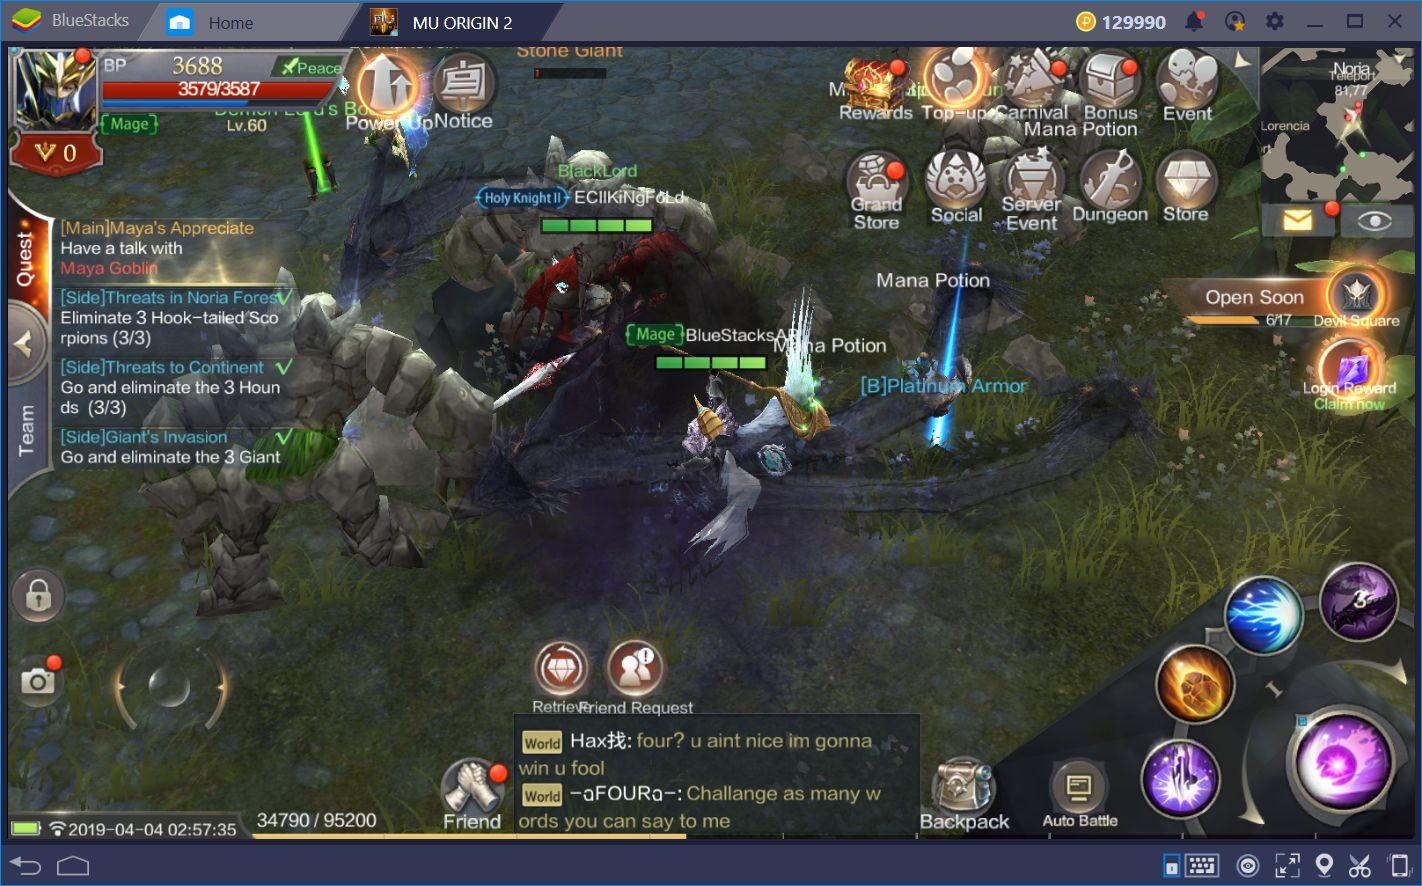 MU Origin 2 – دليل الفصل لكل من اللاعبين العرضيين والمتشددين